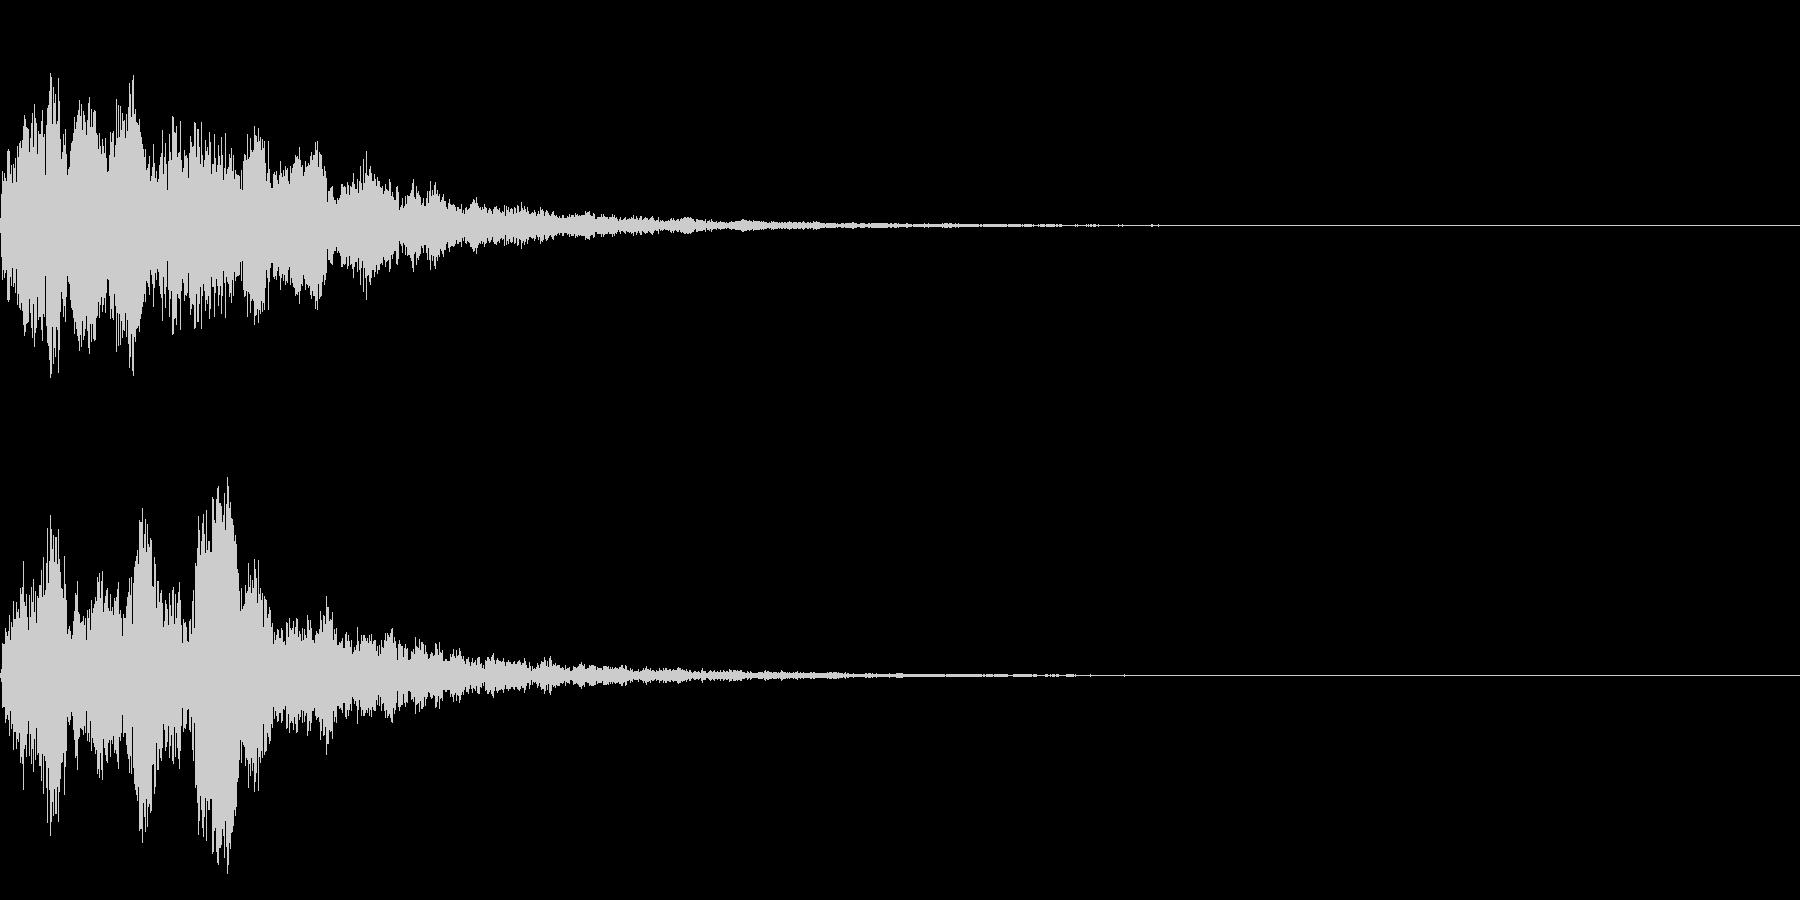 明るいテロップ音 ボタン音 決定音13bの未再生の波形